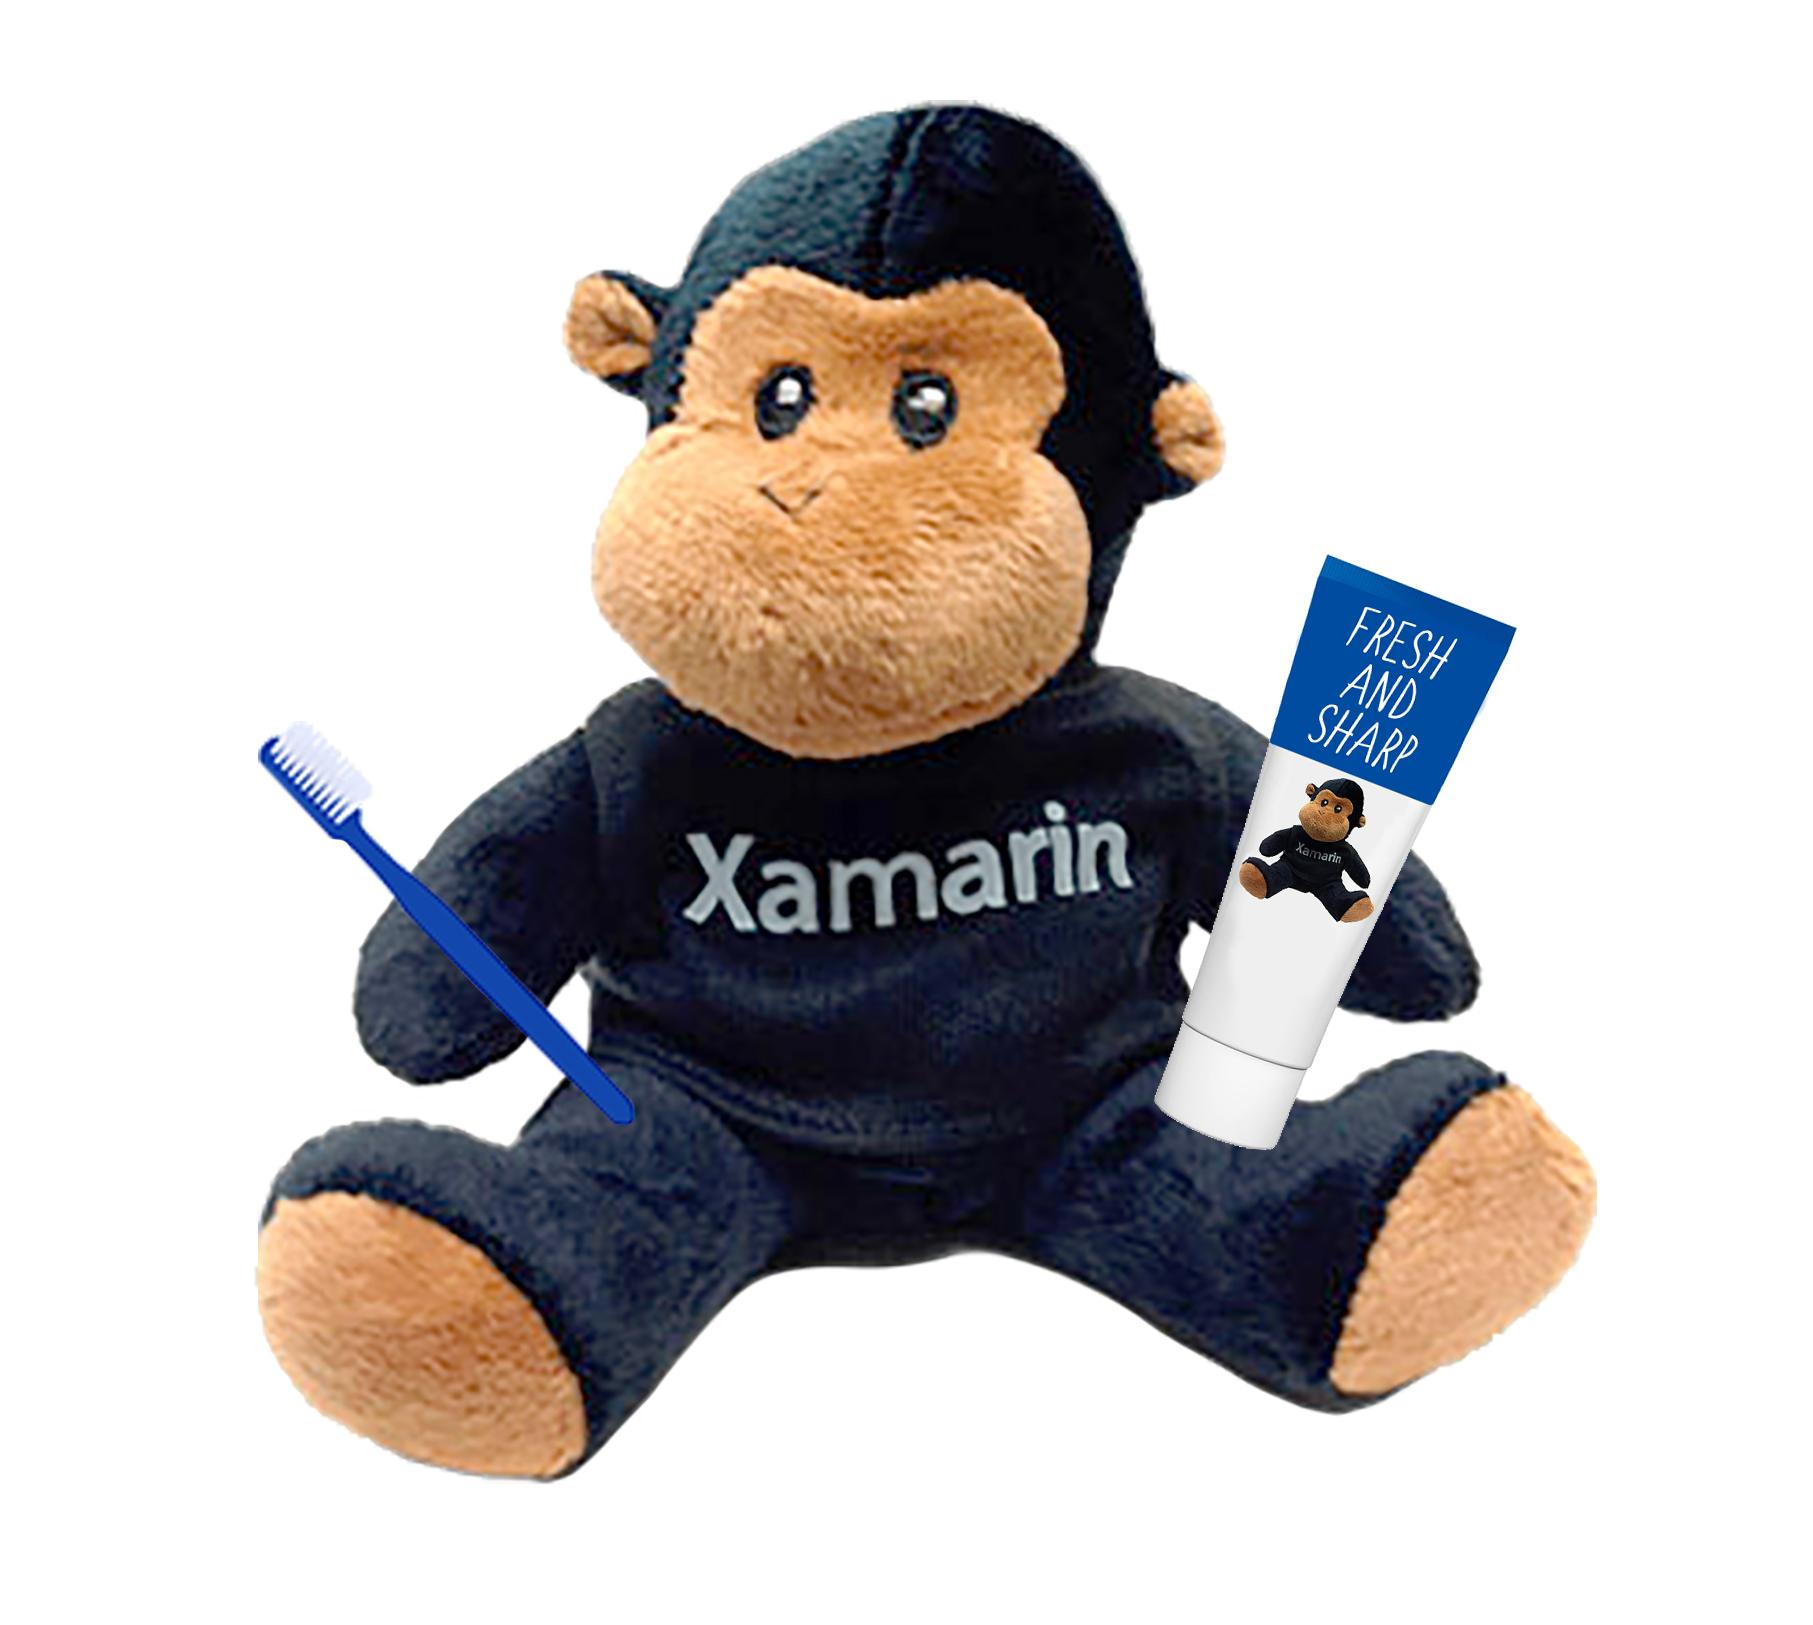 Xamarin Mobile Essentials - XABLU